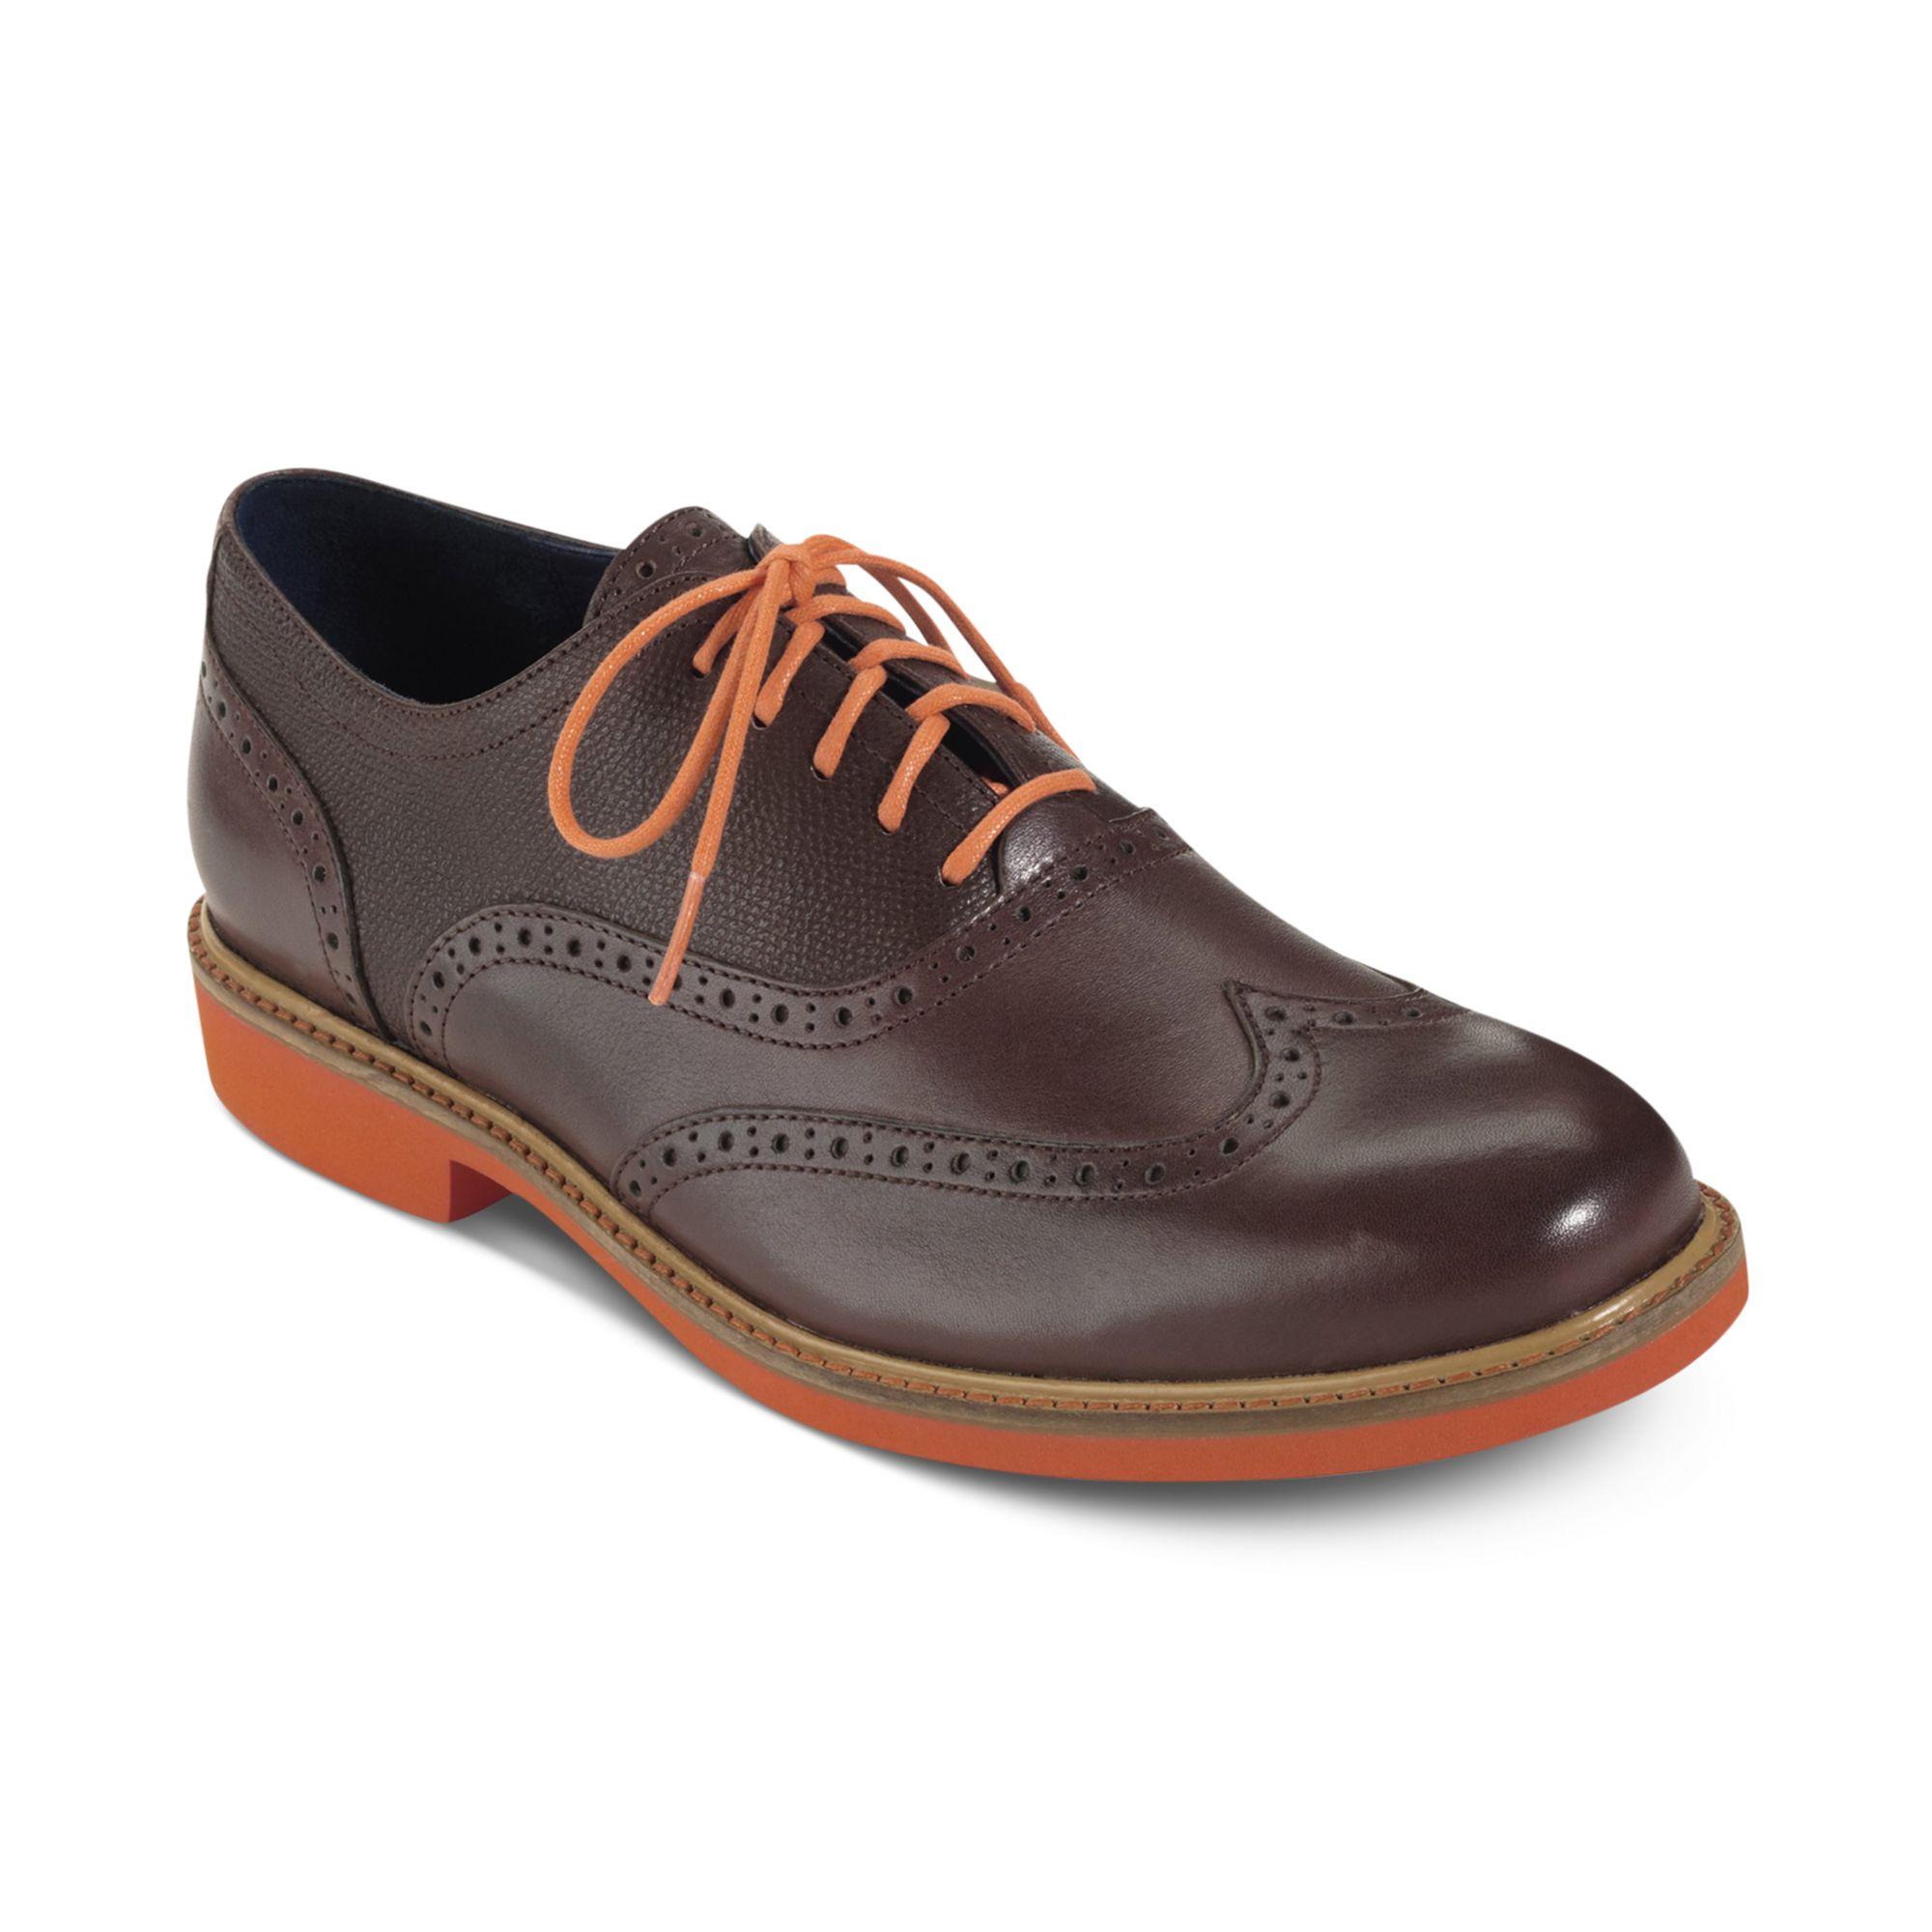 cole haan men shoes sale